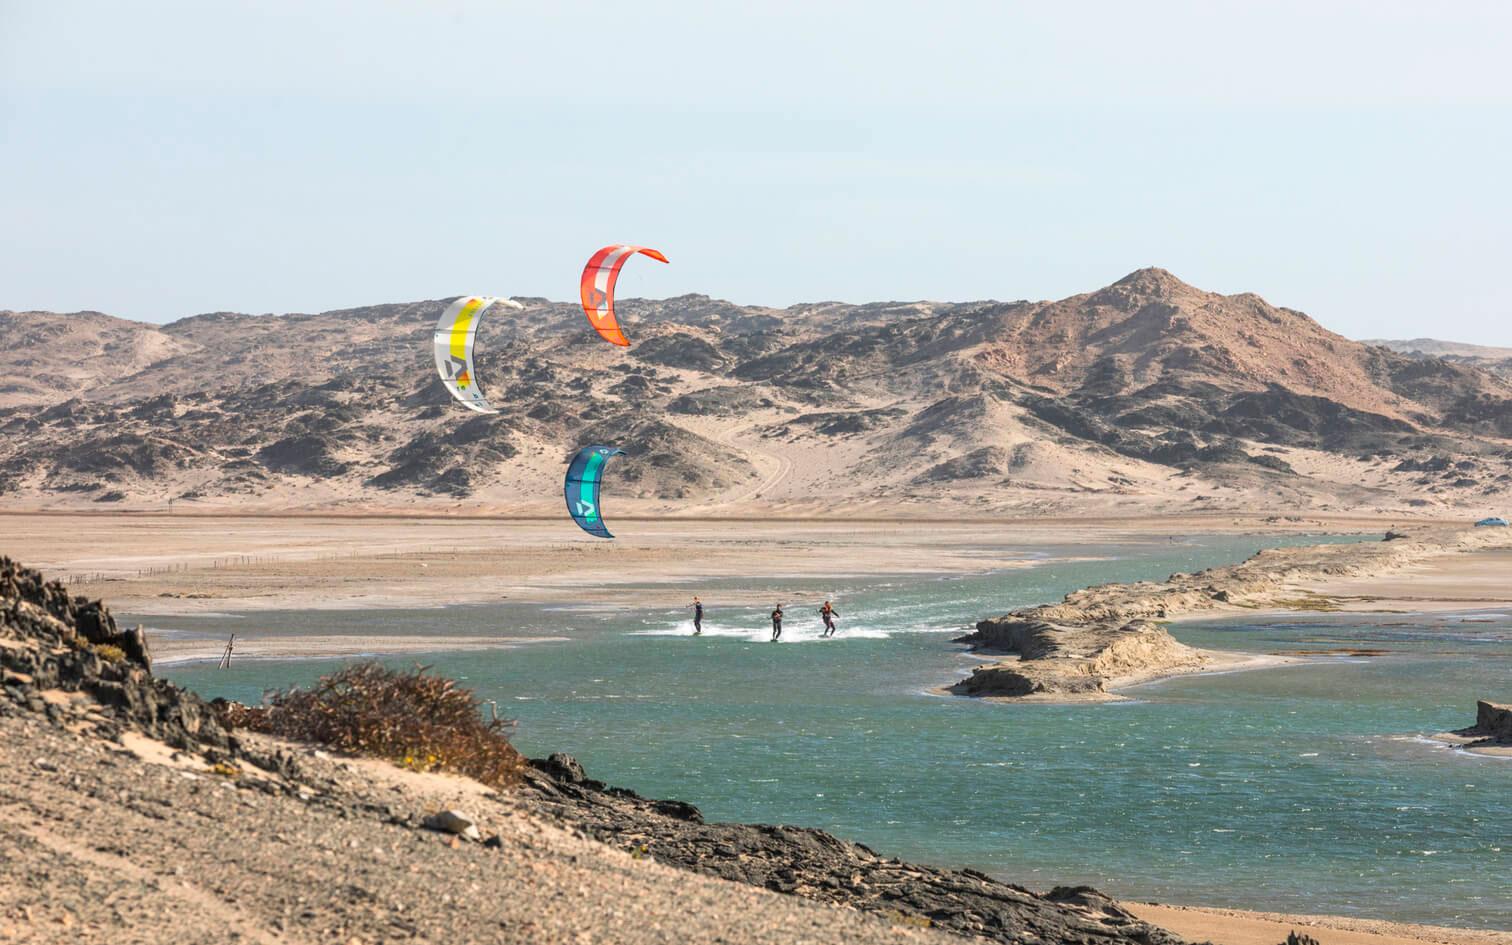 Aile de kite Duotone Dice 2020